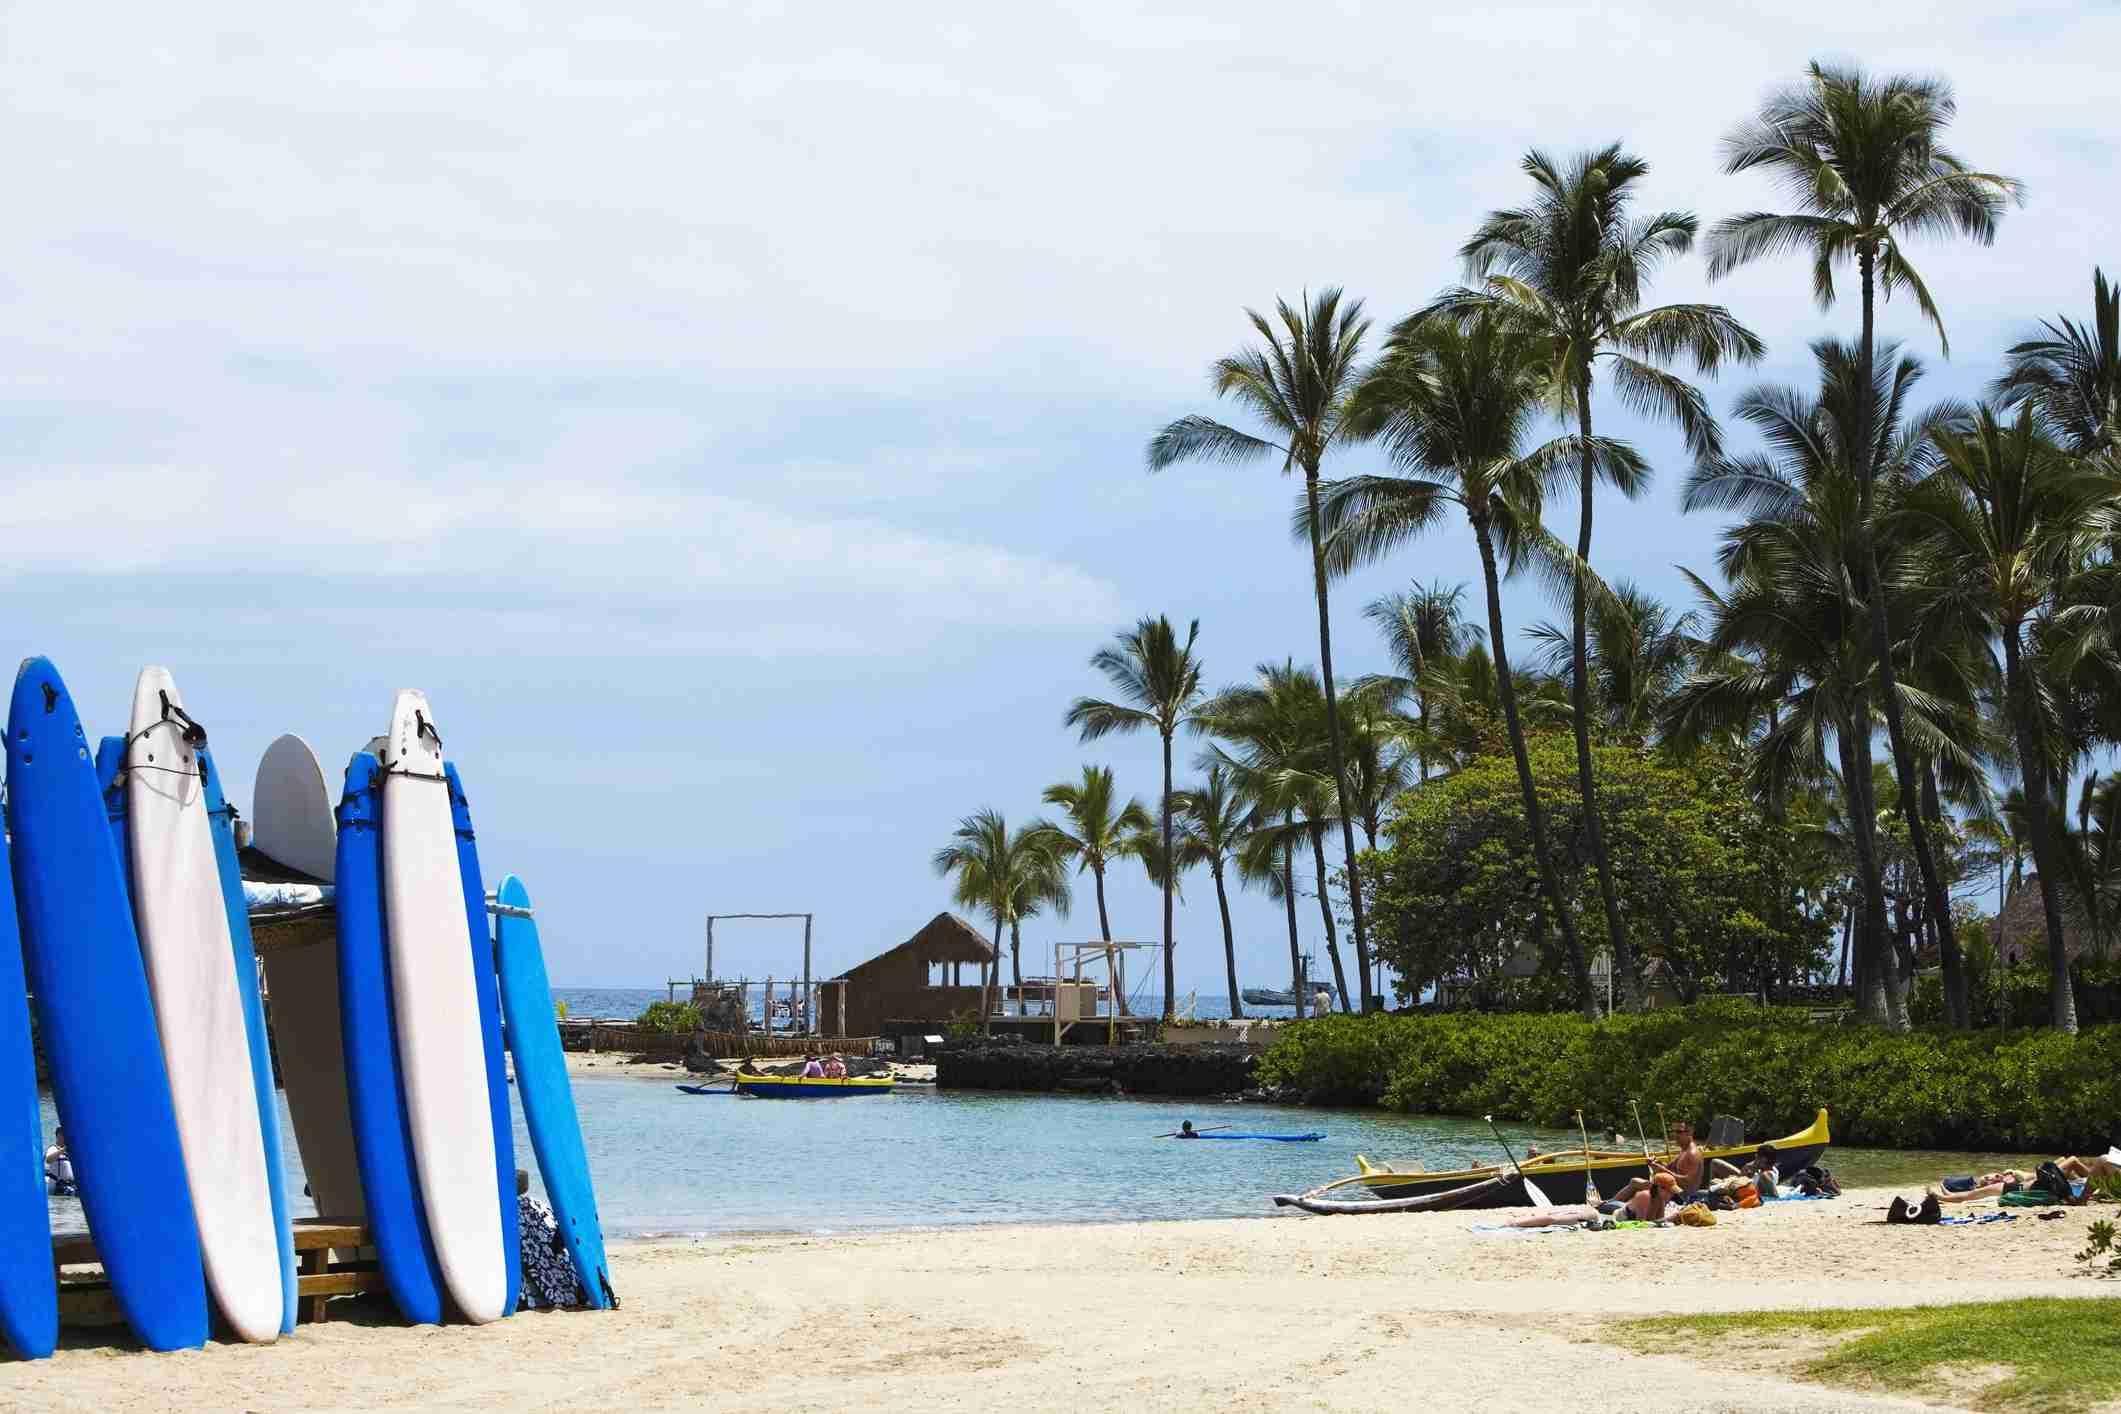 Surfboards on the beach, Kona, Big Island, Hawaii Islands, USA